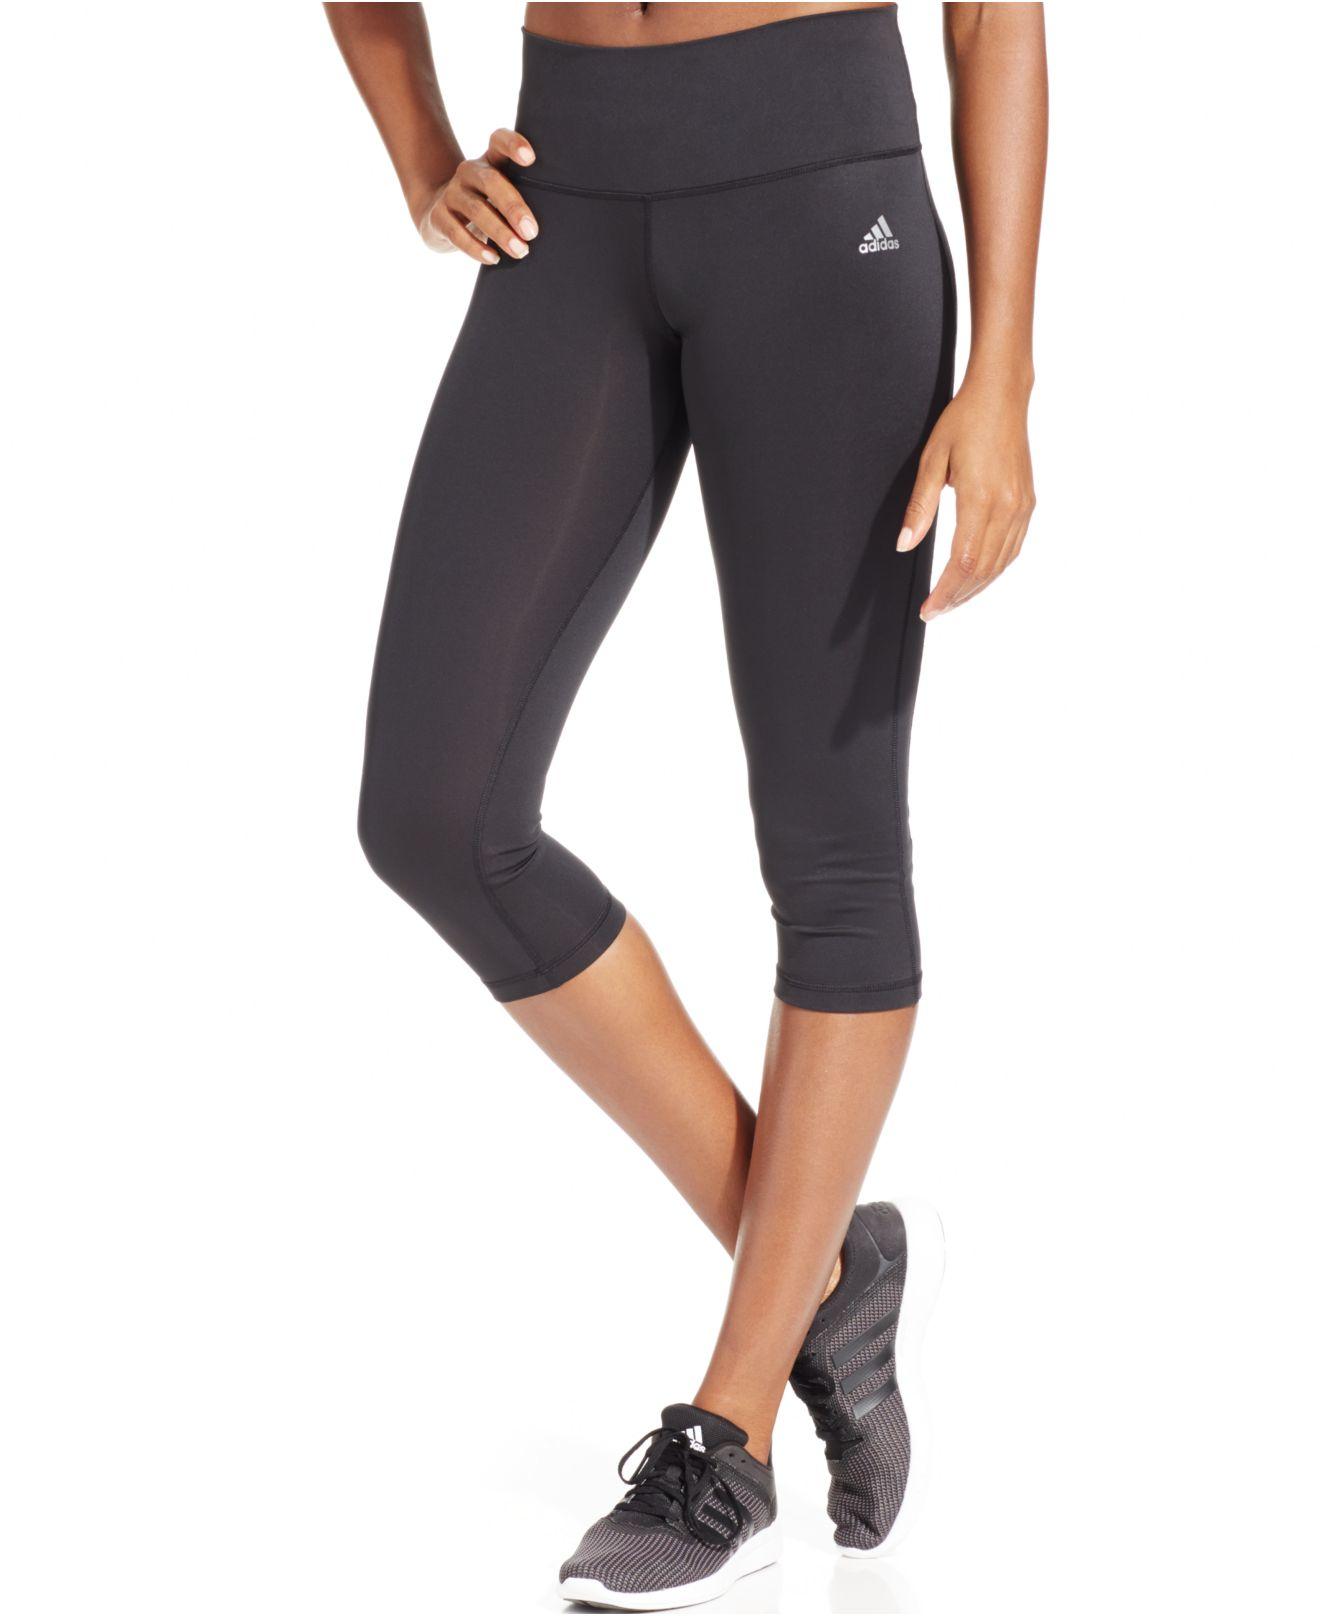 Adidas Performer Cropped Leggings in Black | Lyst